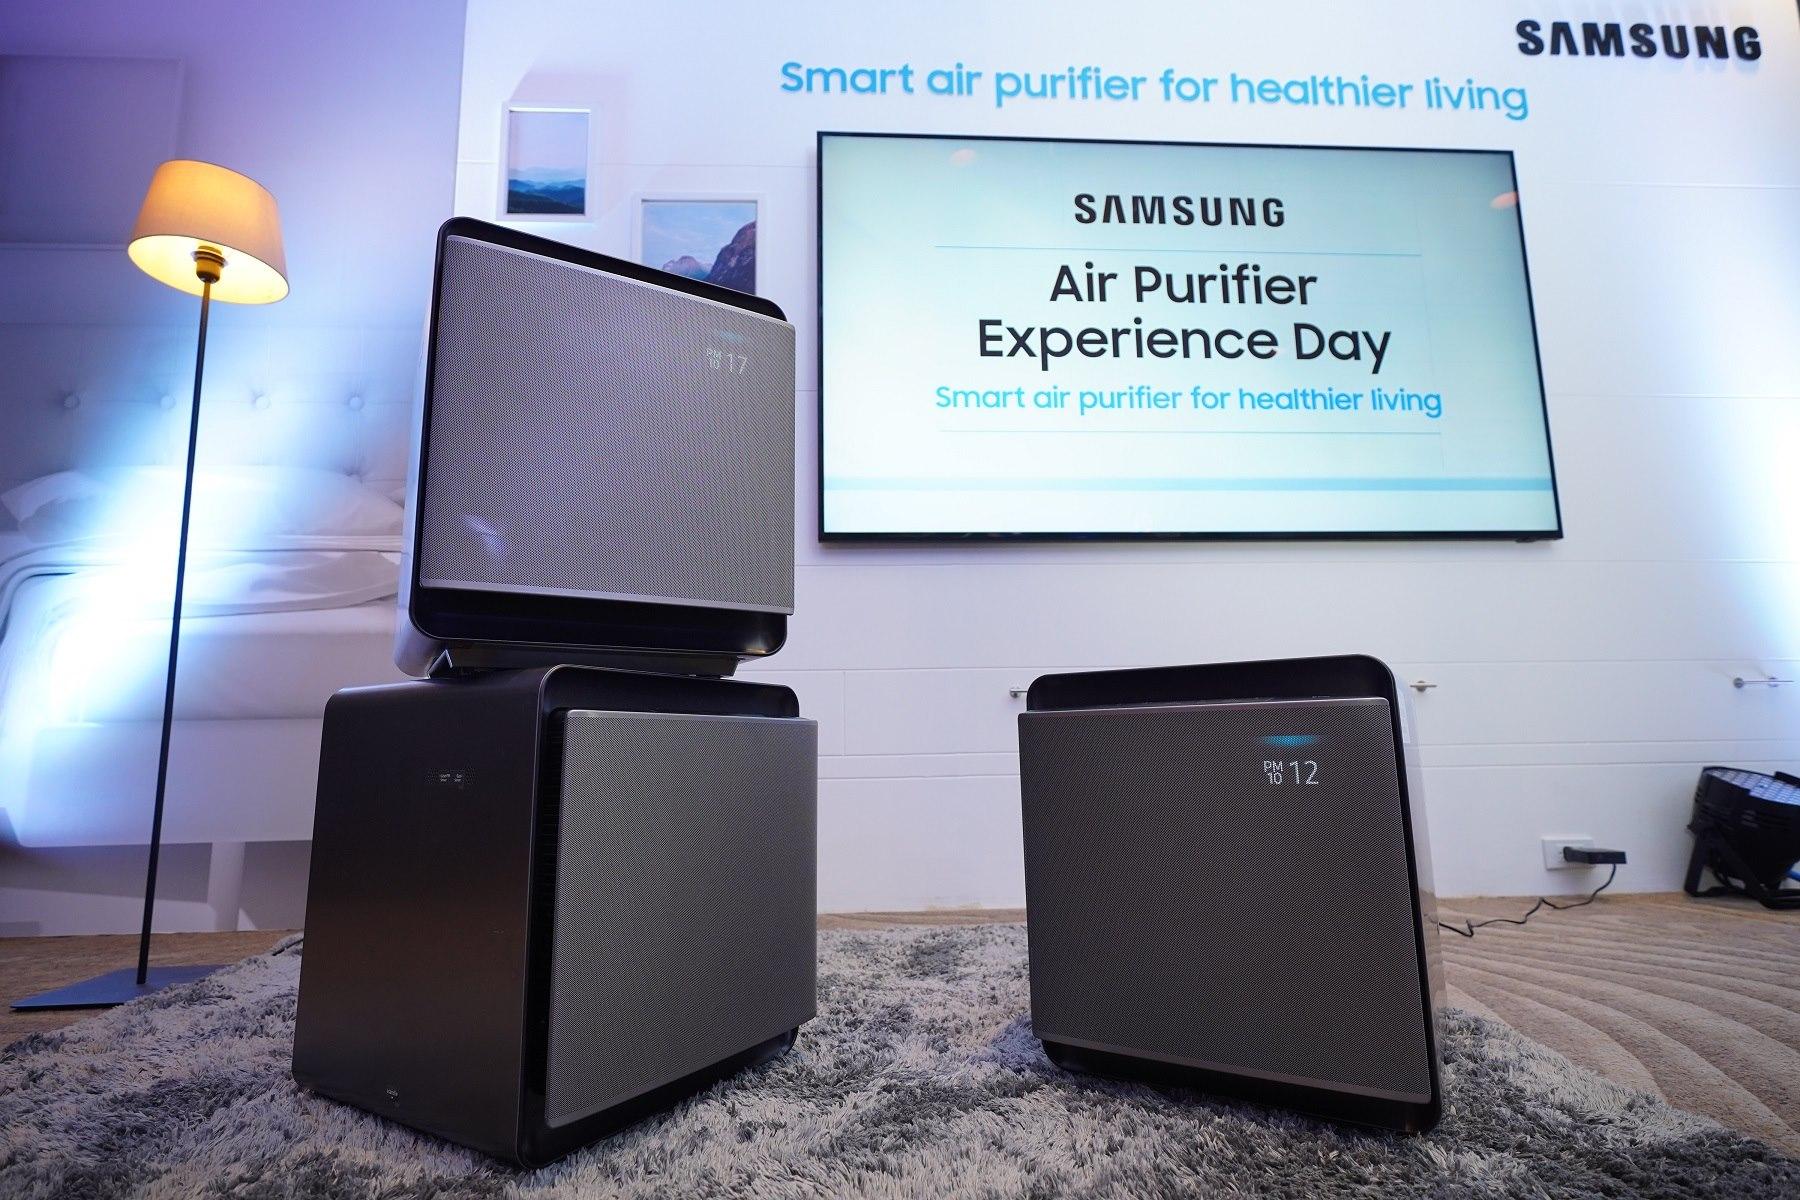 Samsung Air Purifier - Cube AX9500